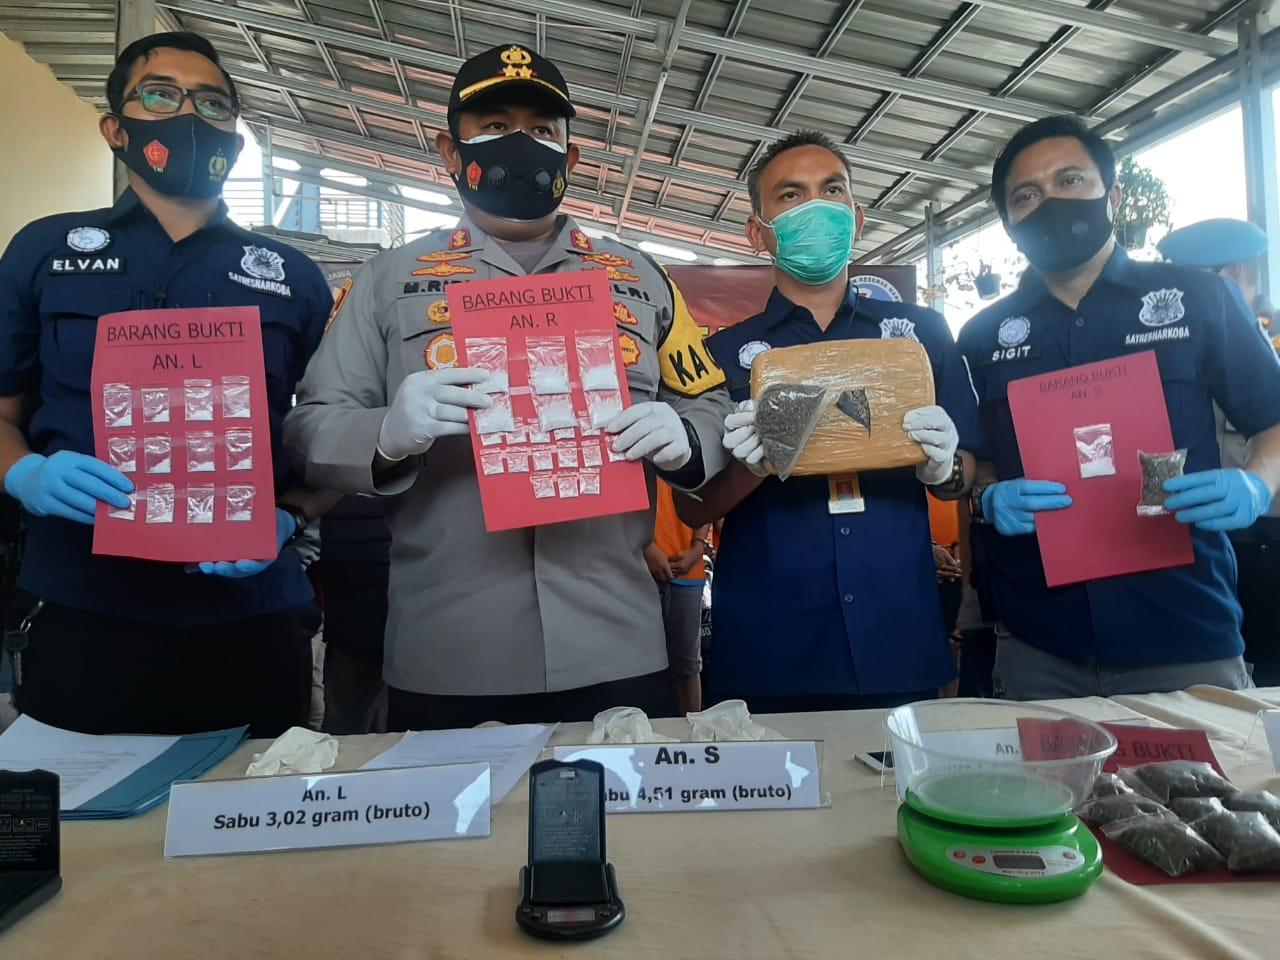 Polres Cianjur Bekuk Enam Bandar Narkoba, Satu Diantaranya Wanita